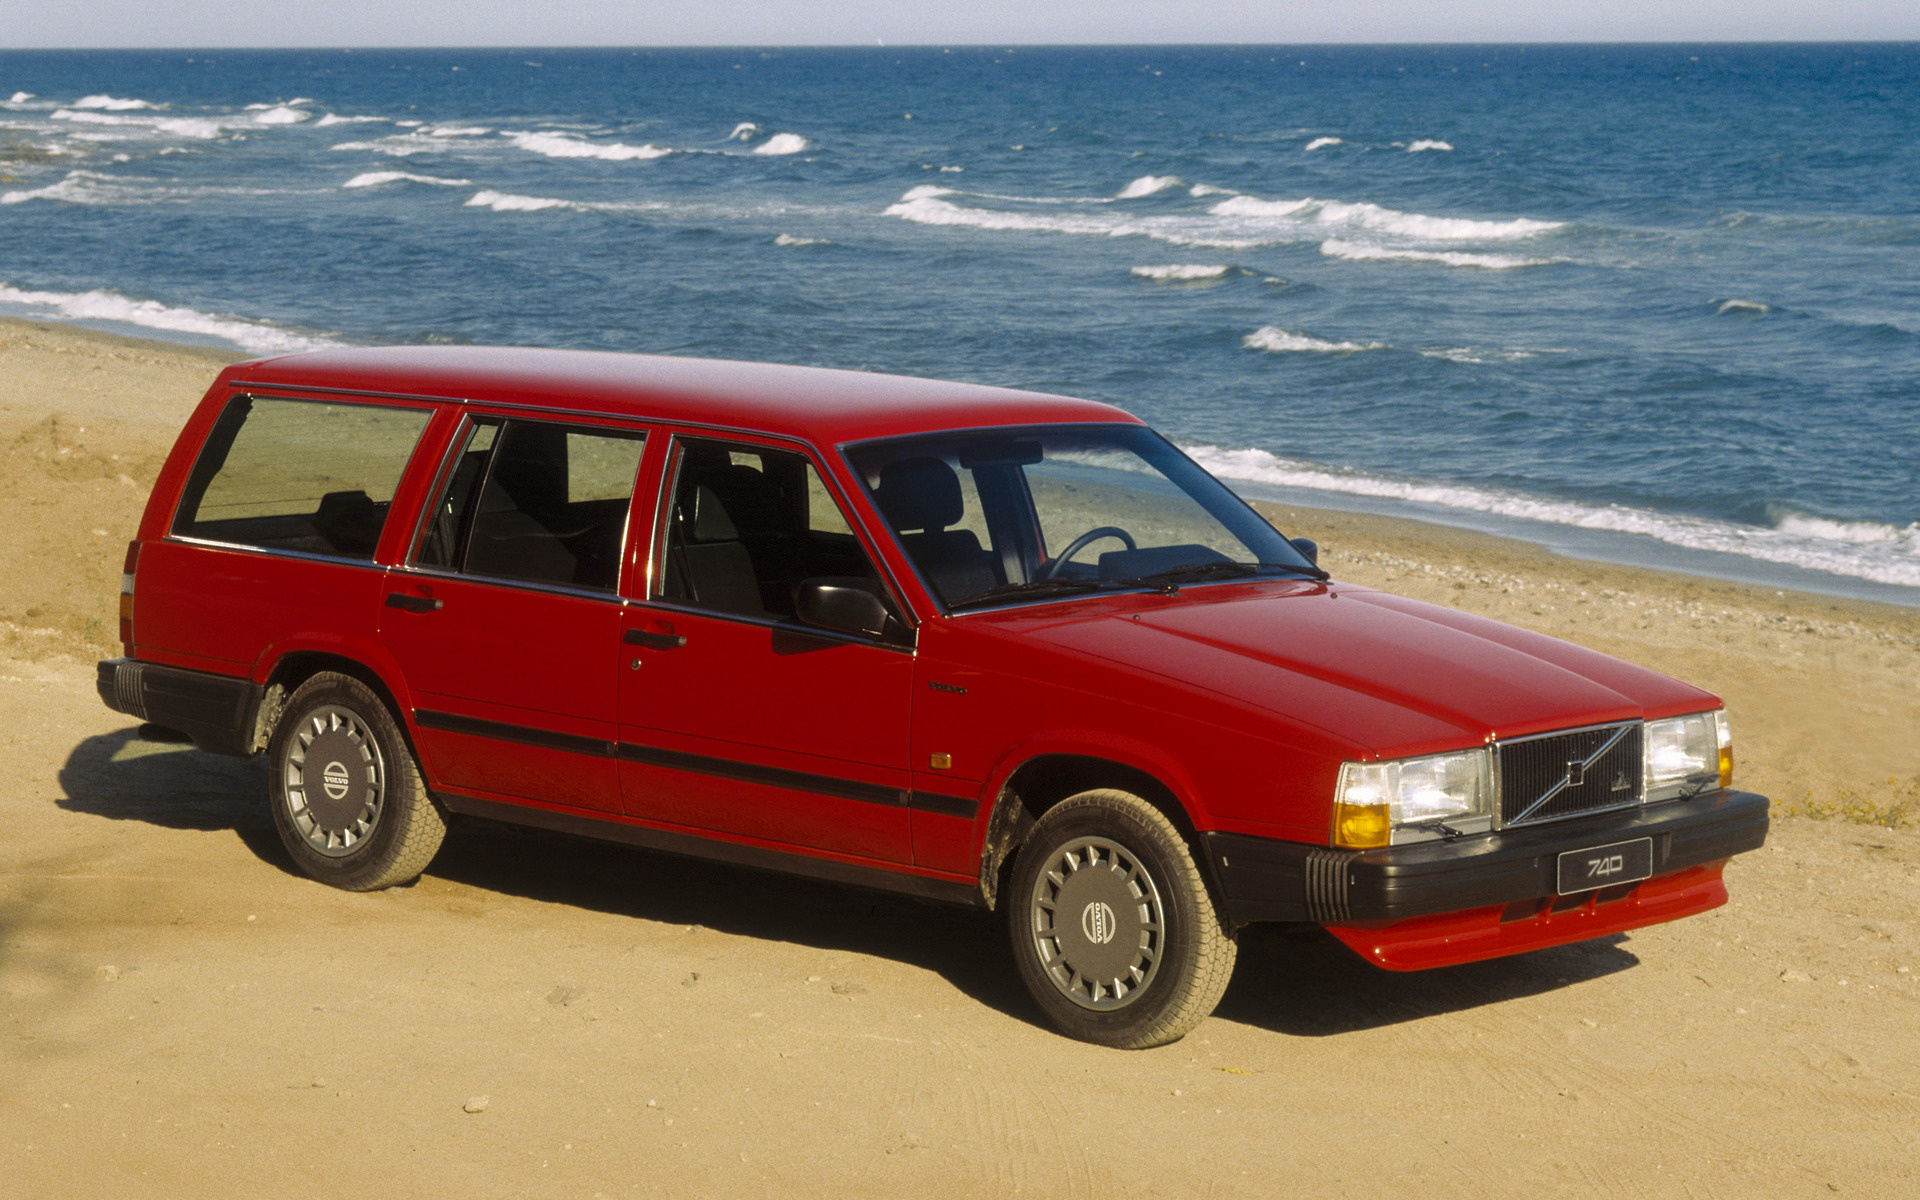 Volvo Gl Kombi Car Wallpaper on 1985 Volvo 740 Gle